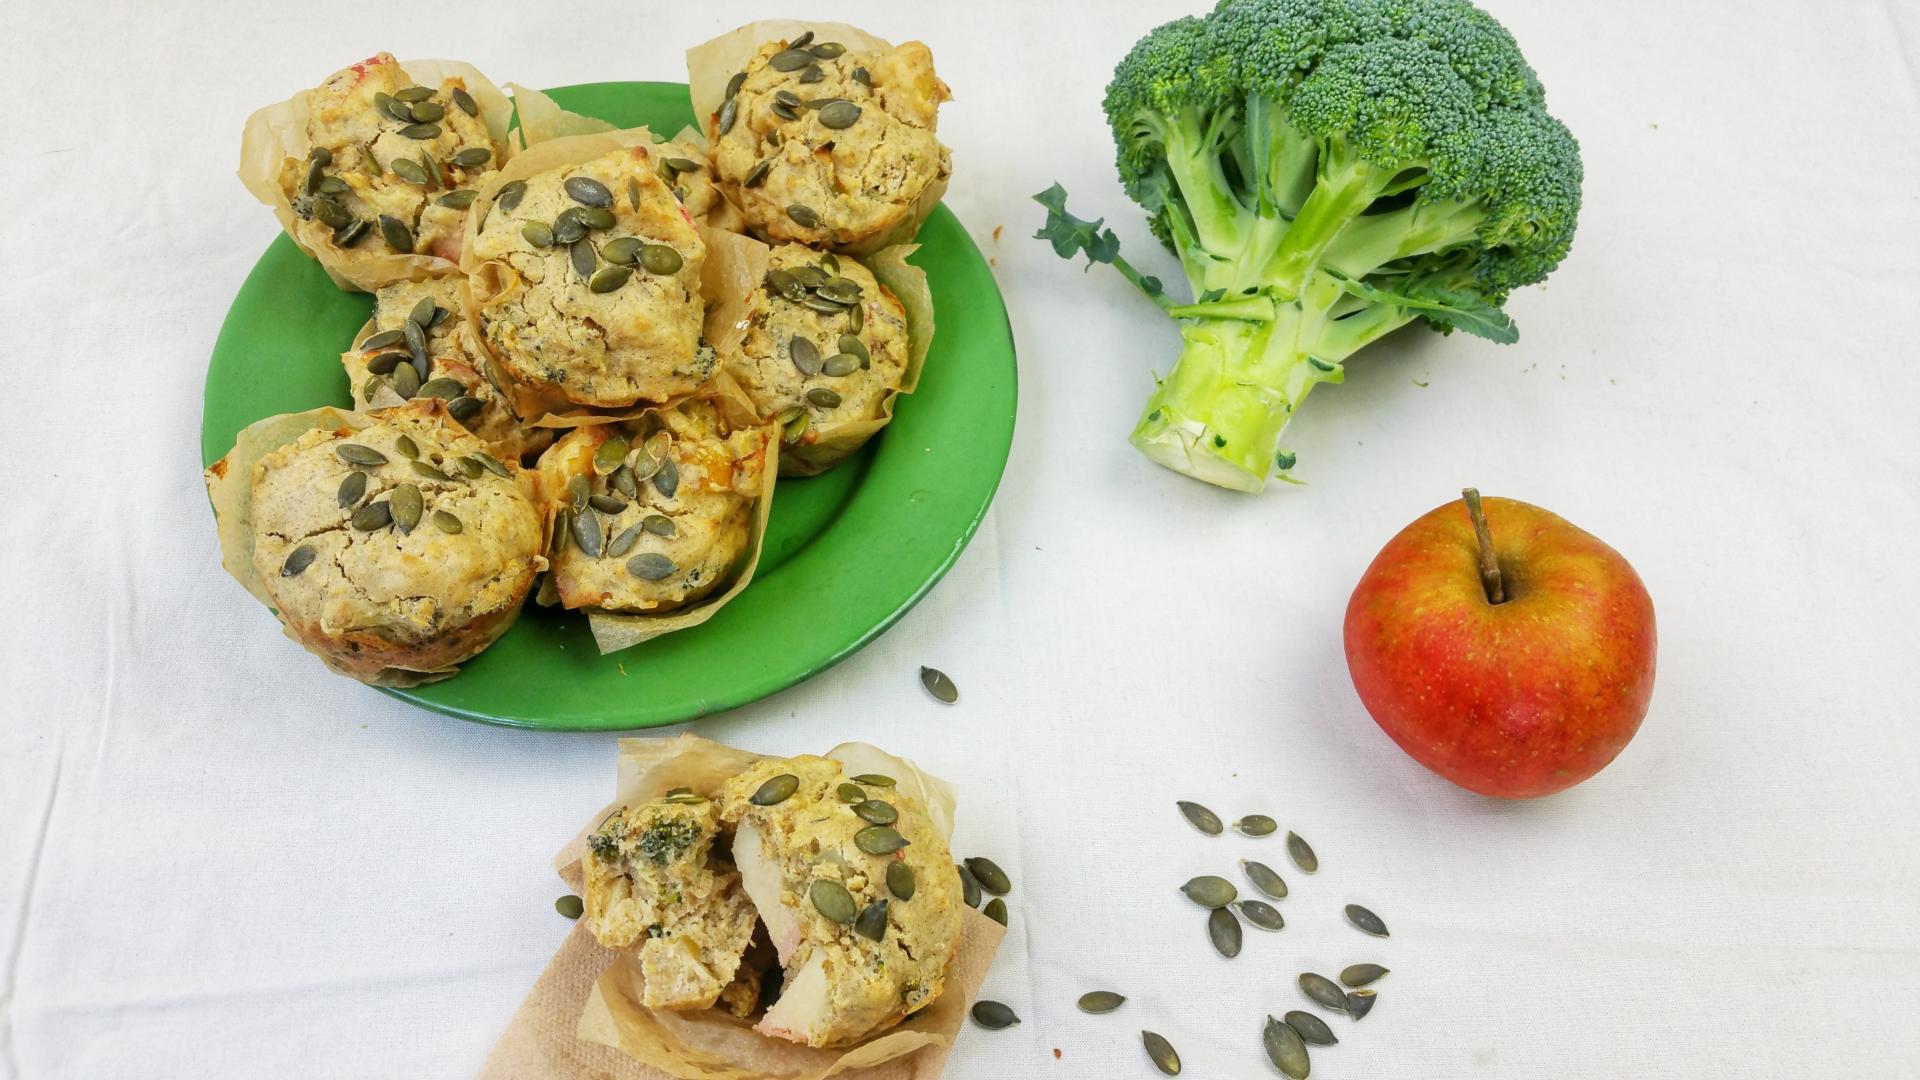 muffins met apel en broccoli en pompoenpitjes bovenop